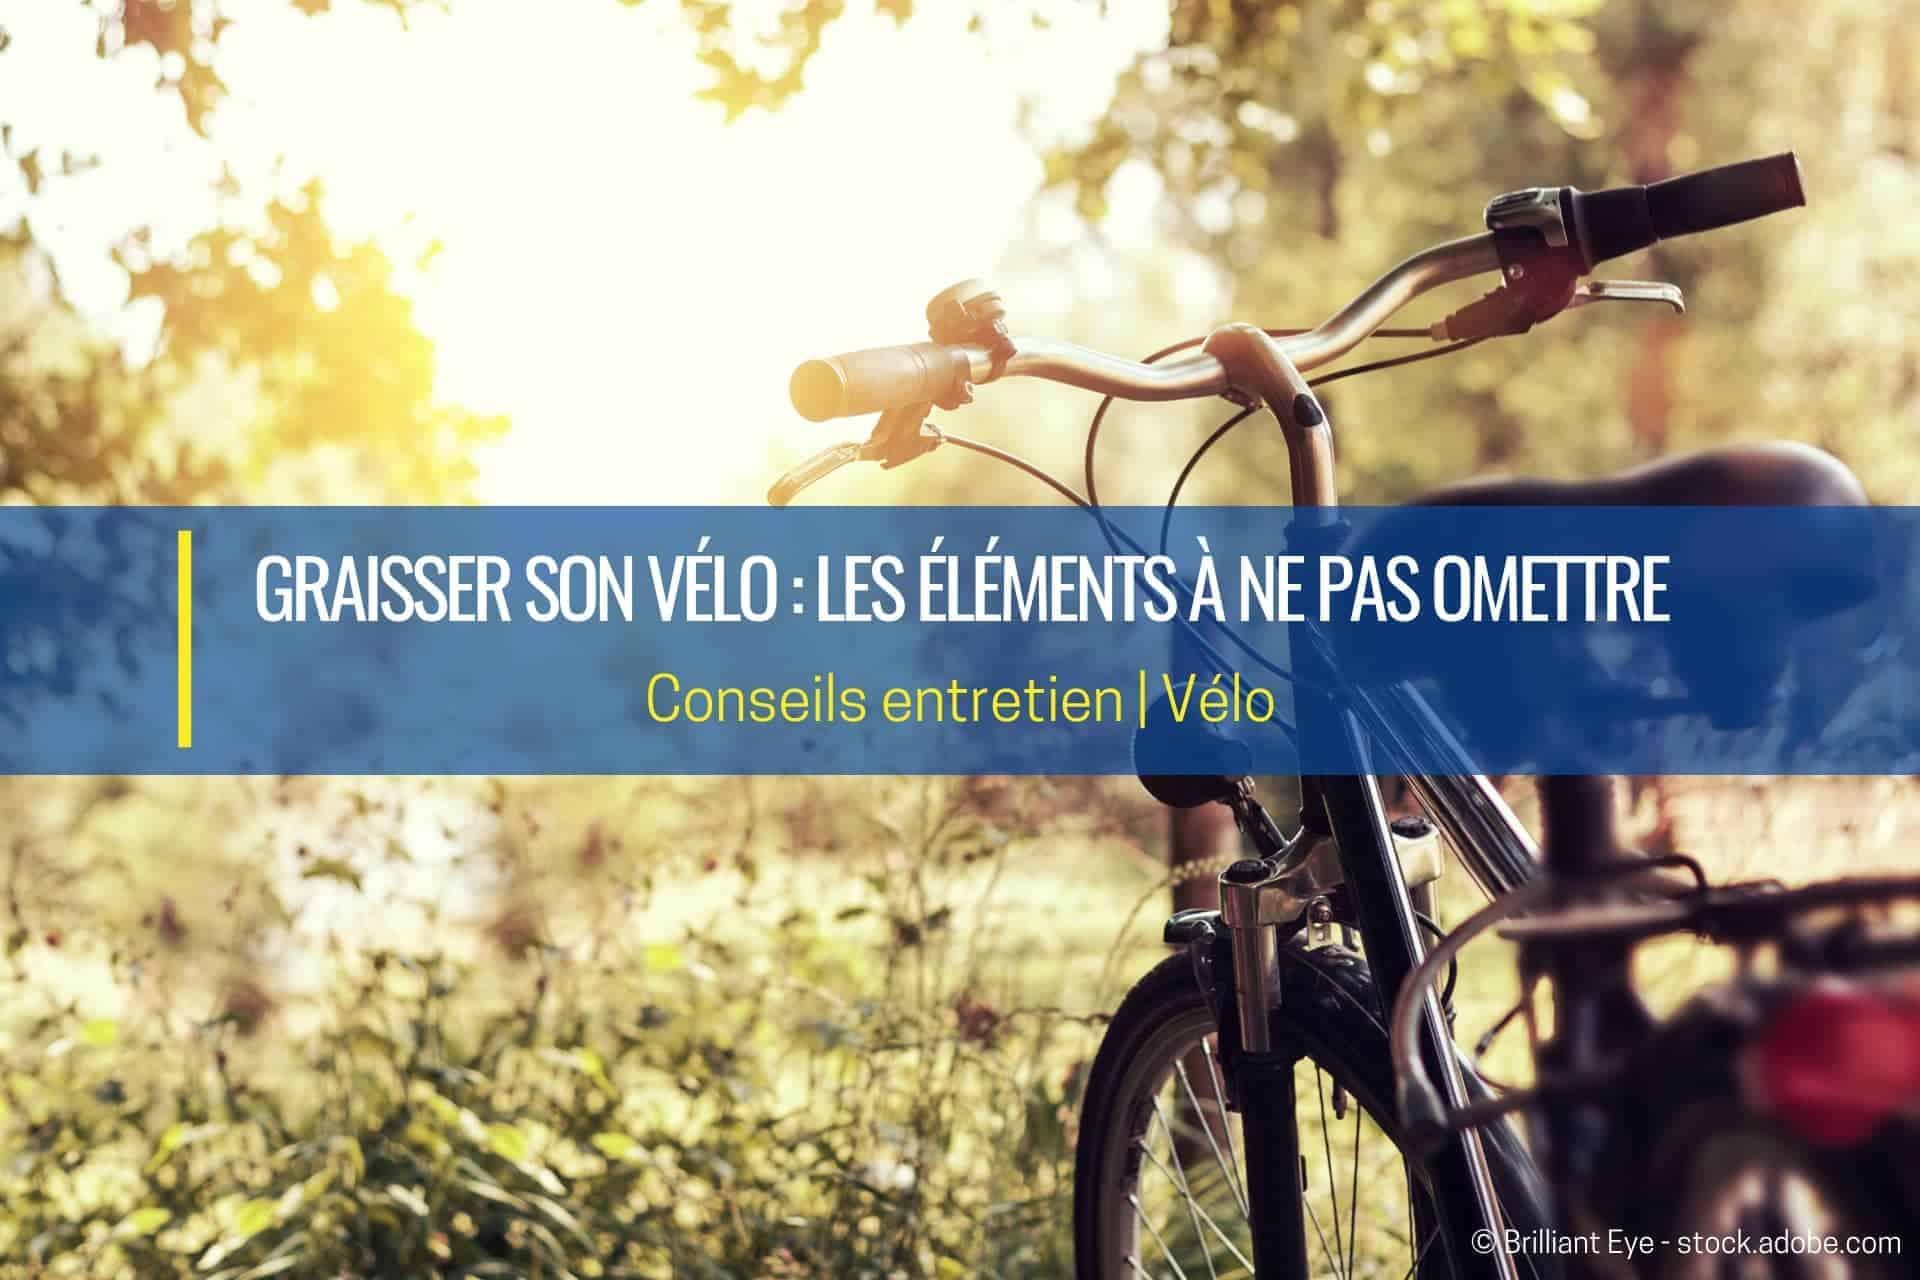 graisser son vélo